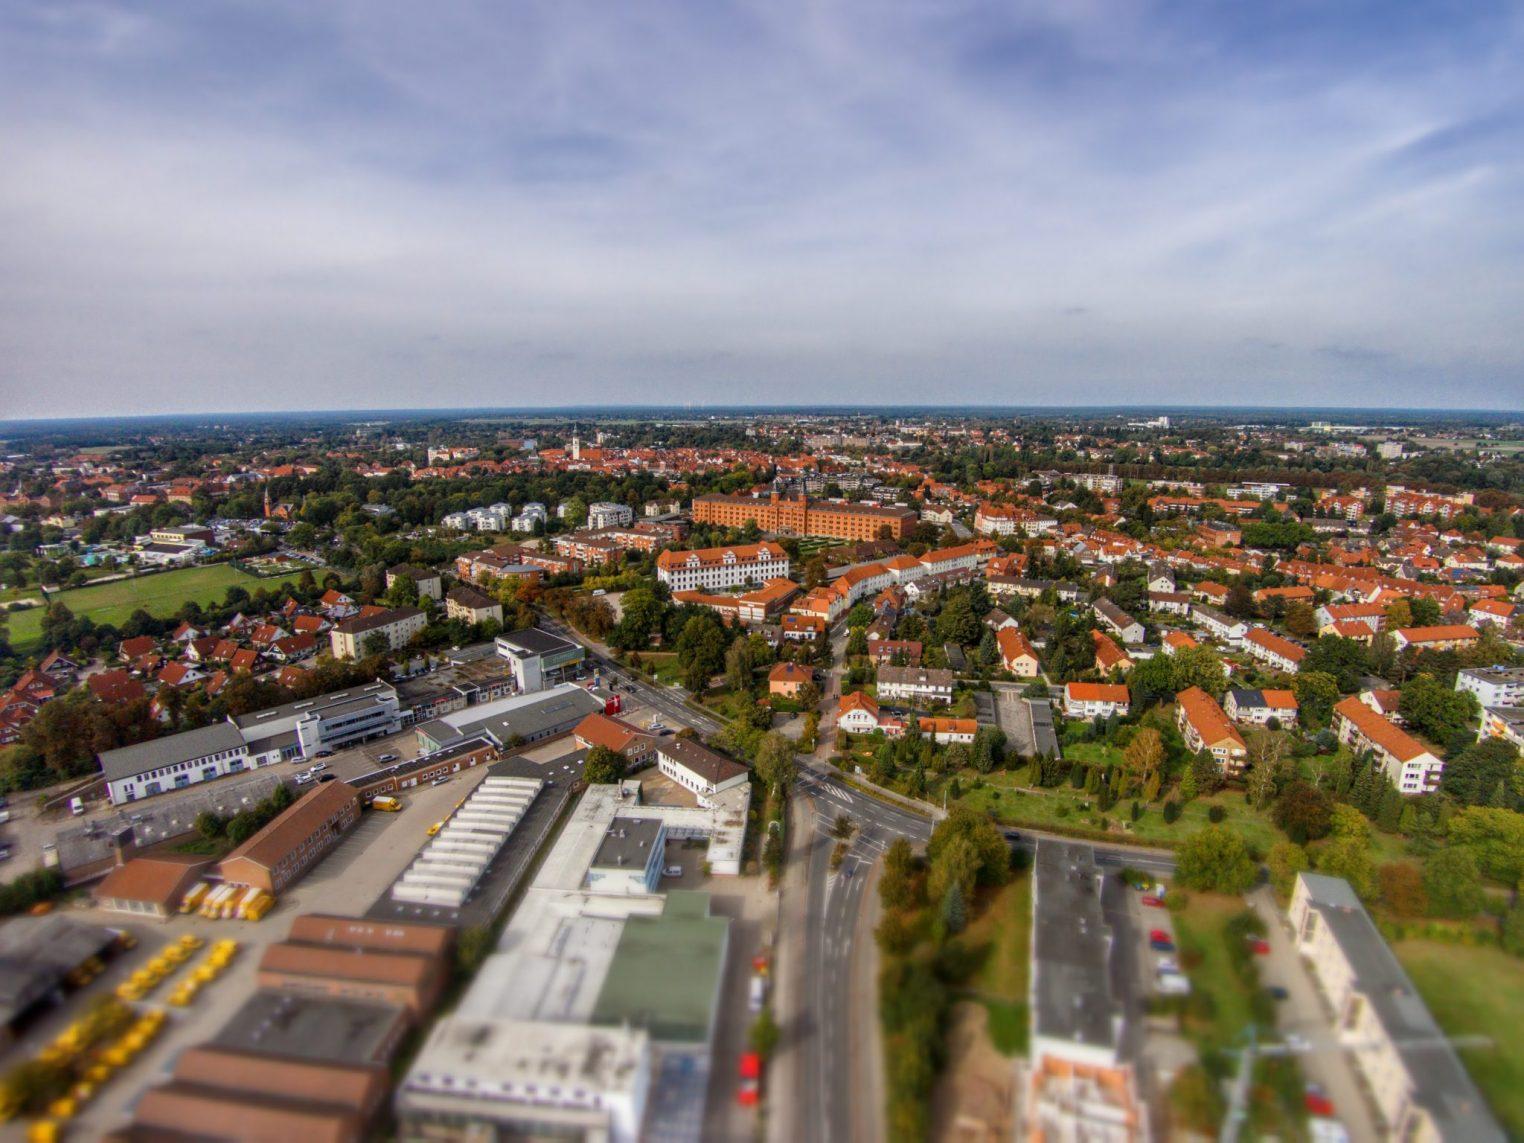 Celle aus der Luft mit neuem Rathaus